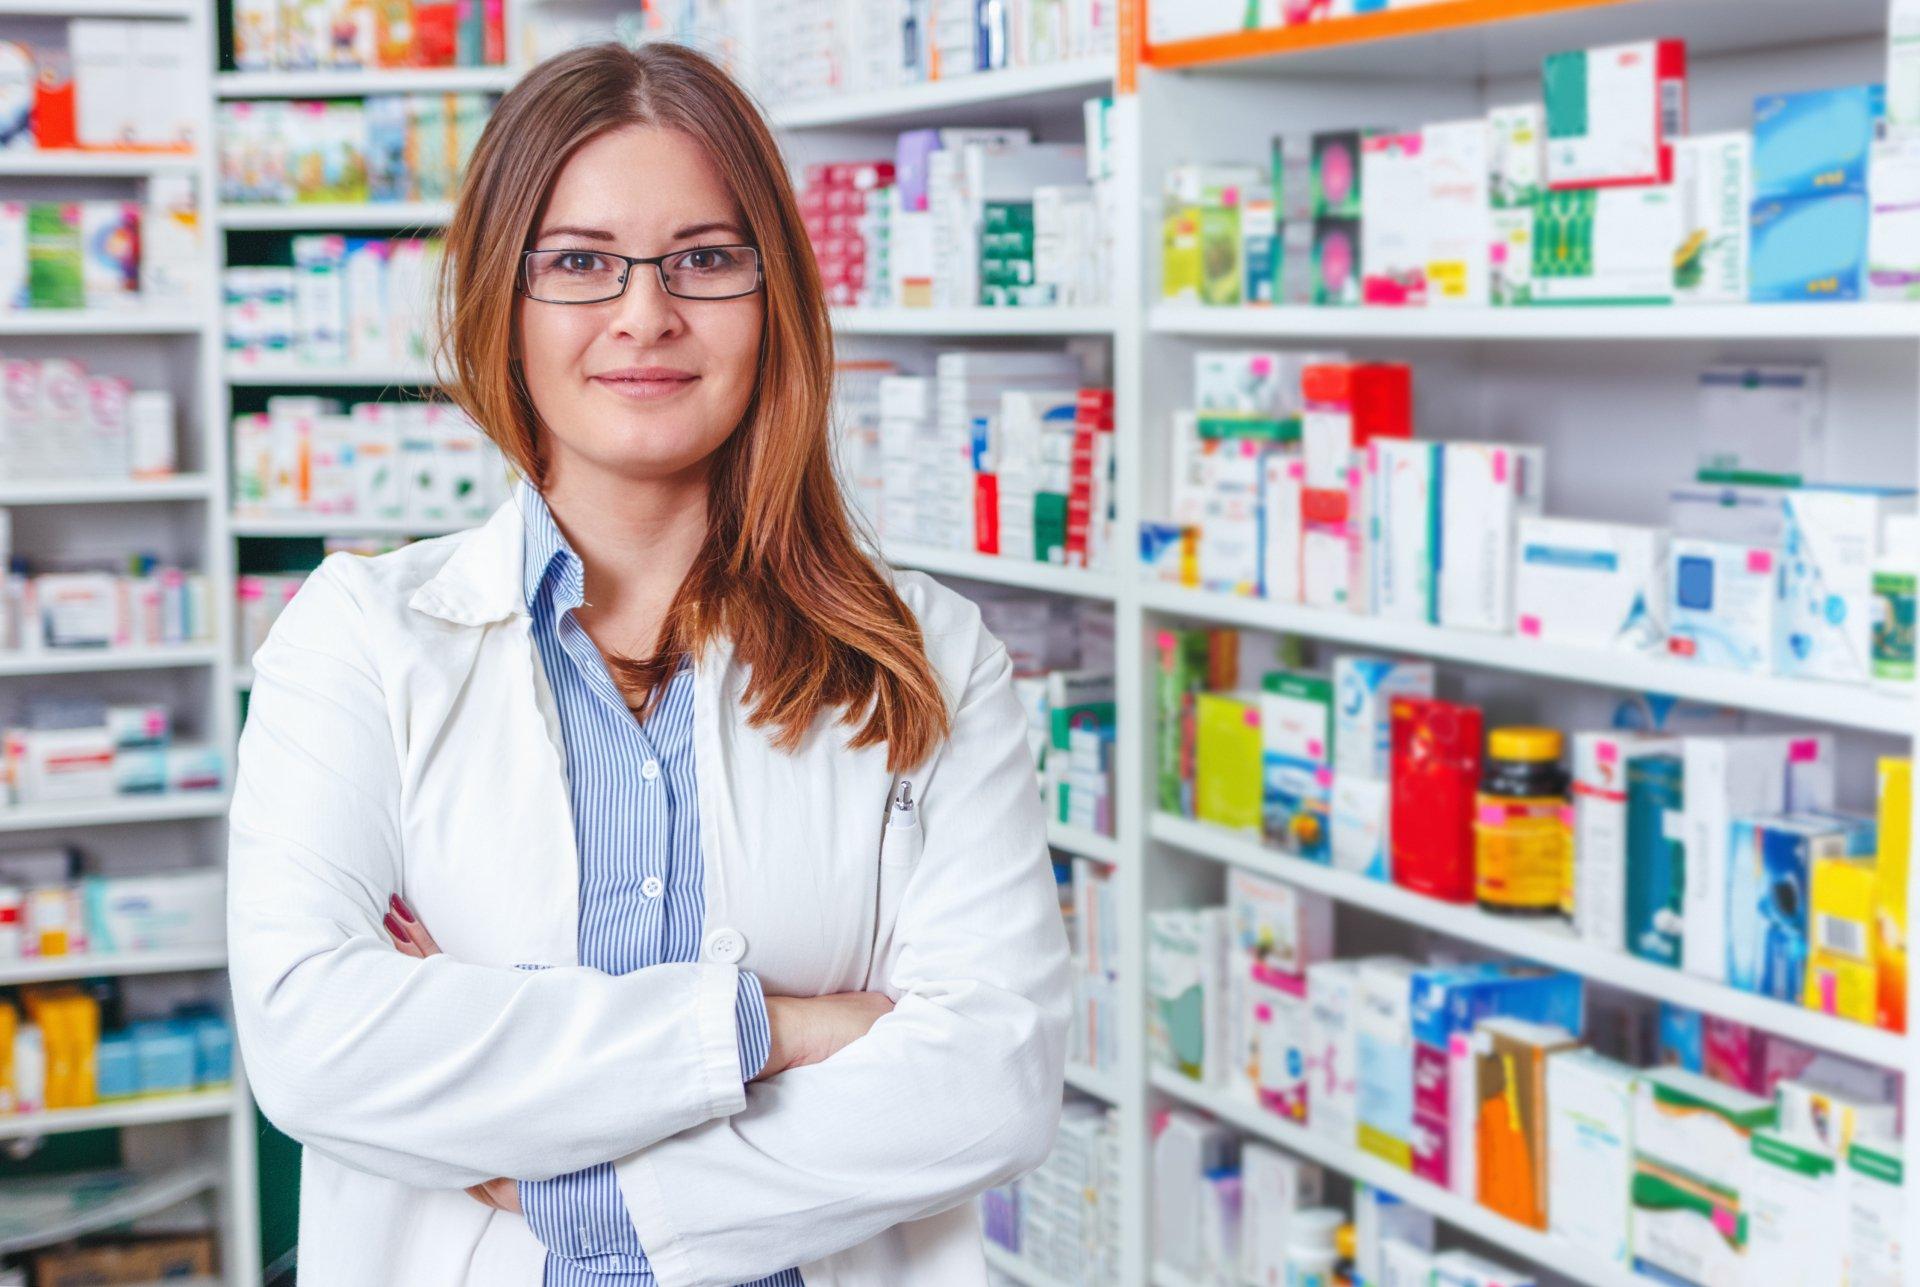 Commander un ordre directement à la pharmacie